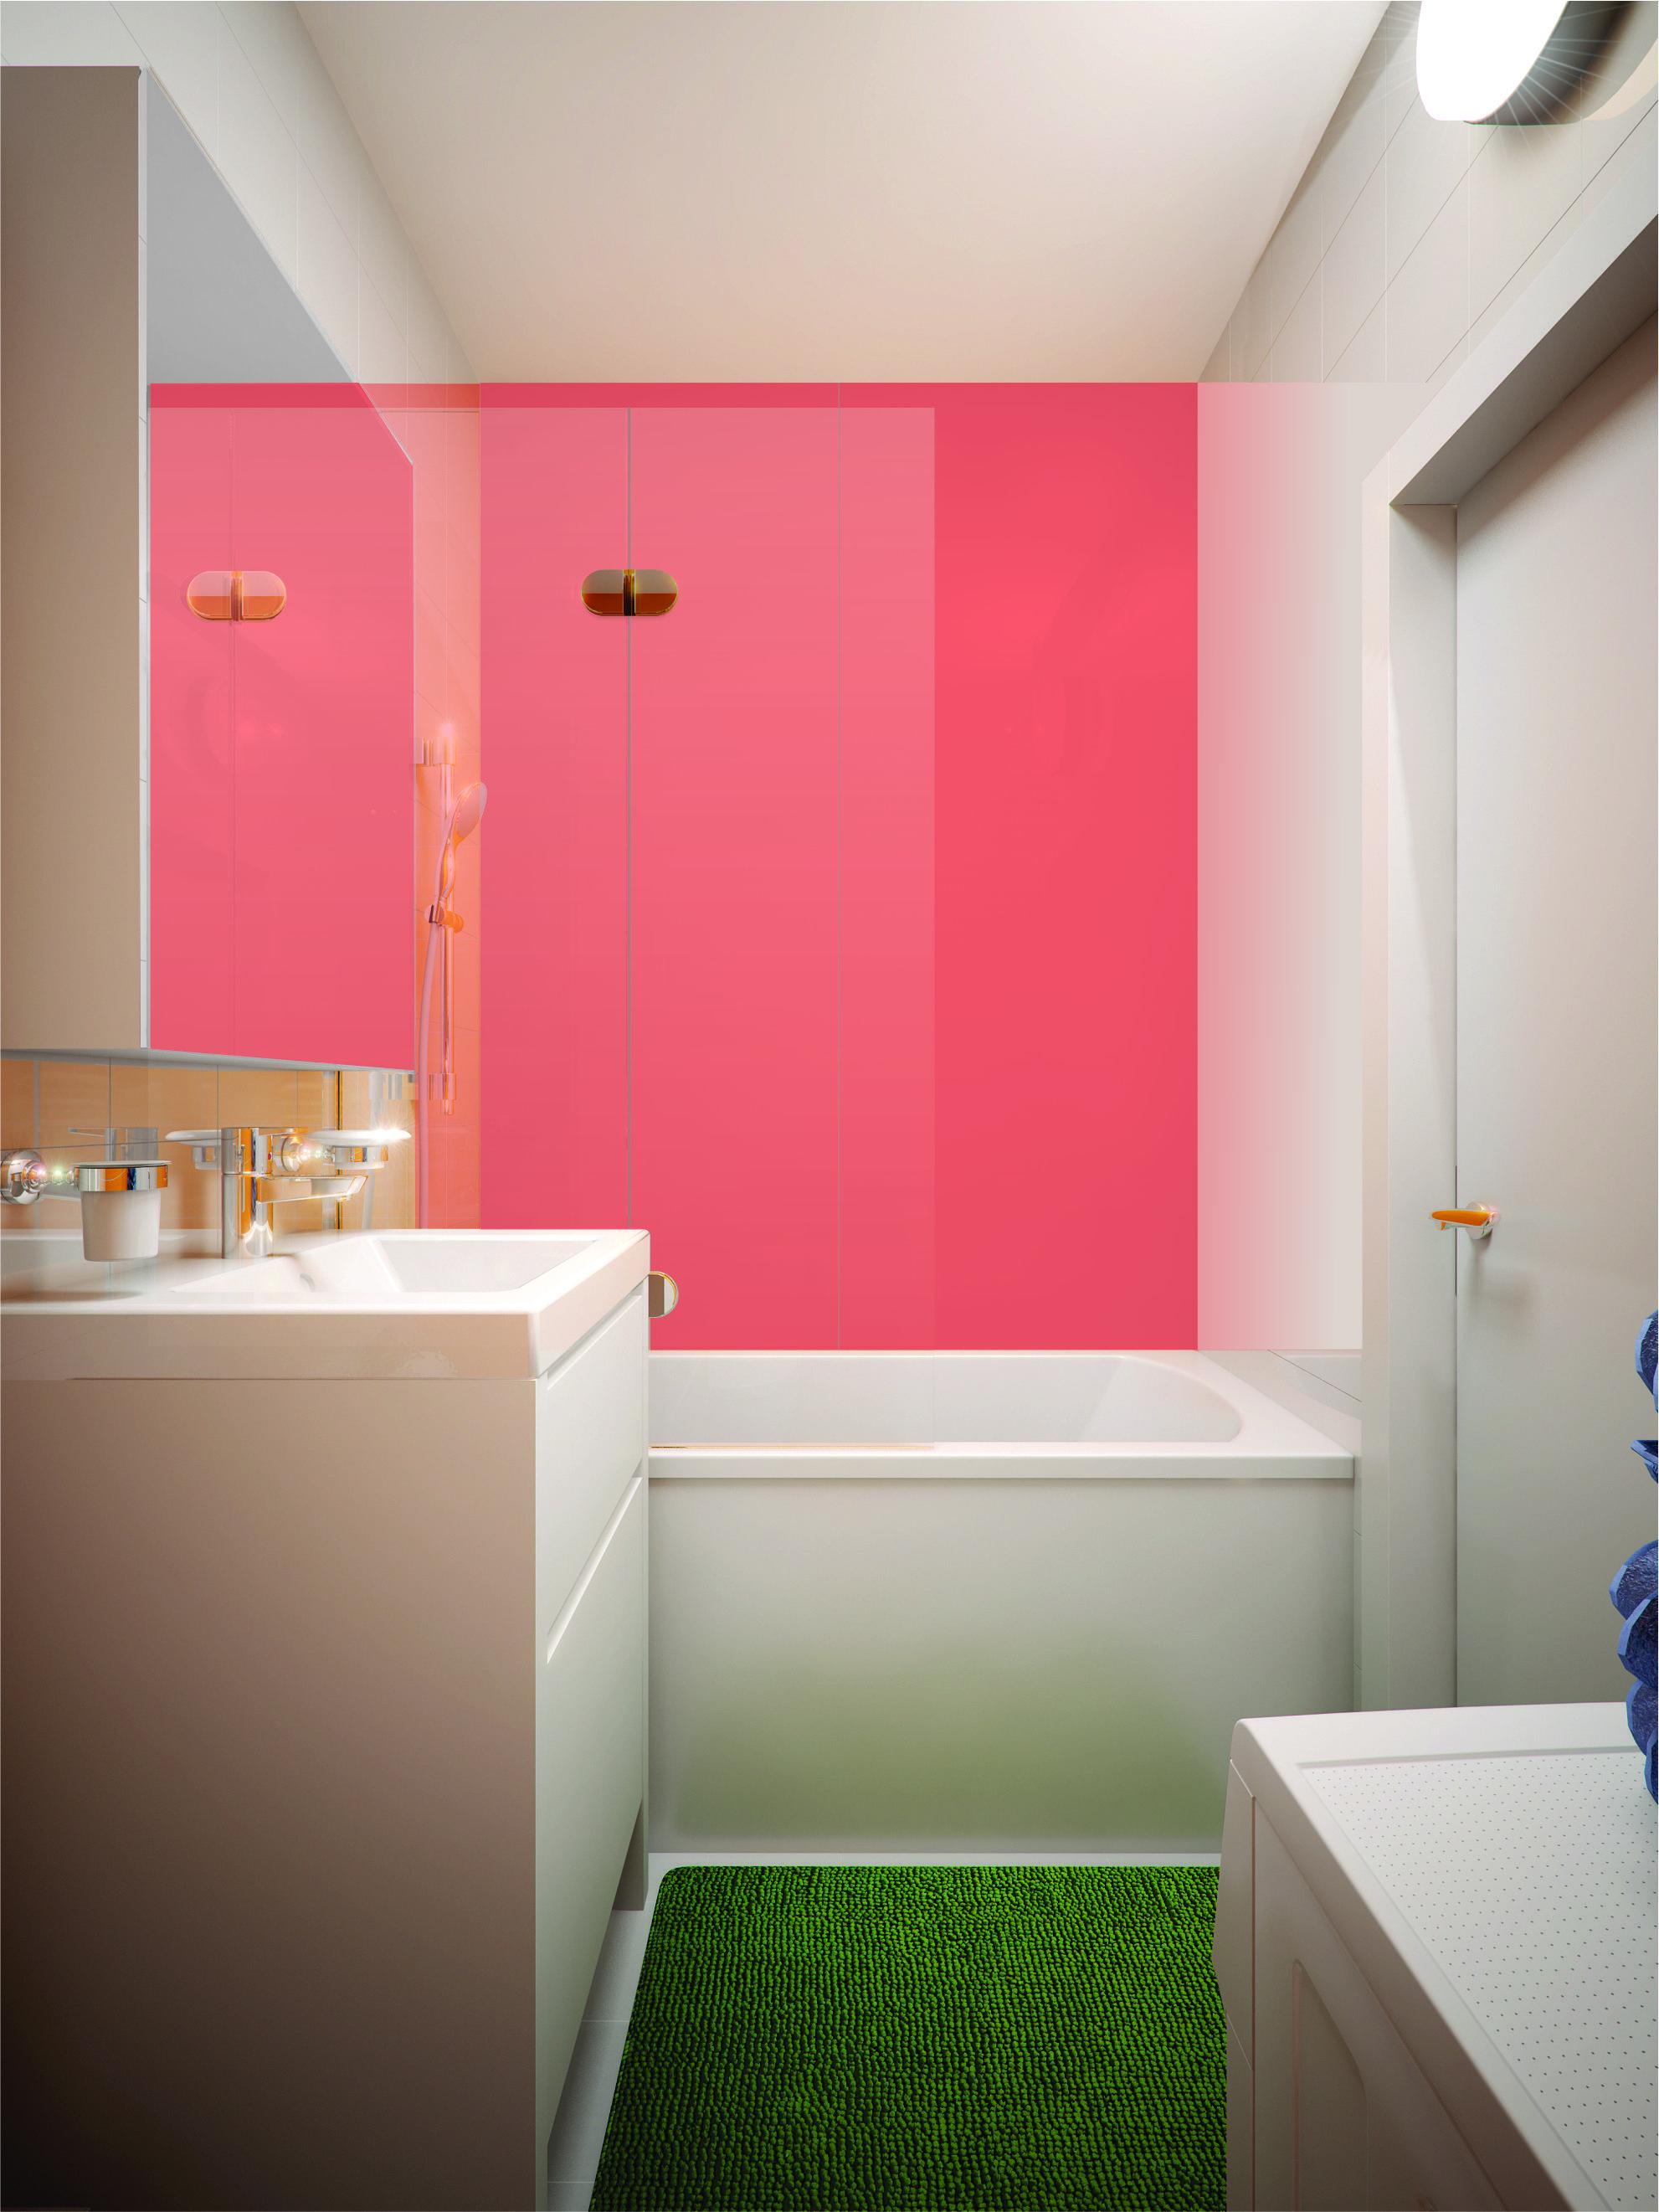 Bathroom Shower Panels Bathroomsplashback Bellessi Motiv Bathroom Splashbacks Hotrod Colour Exclusively Available At Bunnings Homedeco Shower Panels Bathroom Shower Curtains Bathroom Shower Panels